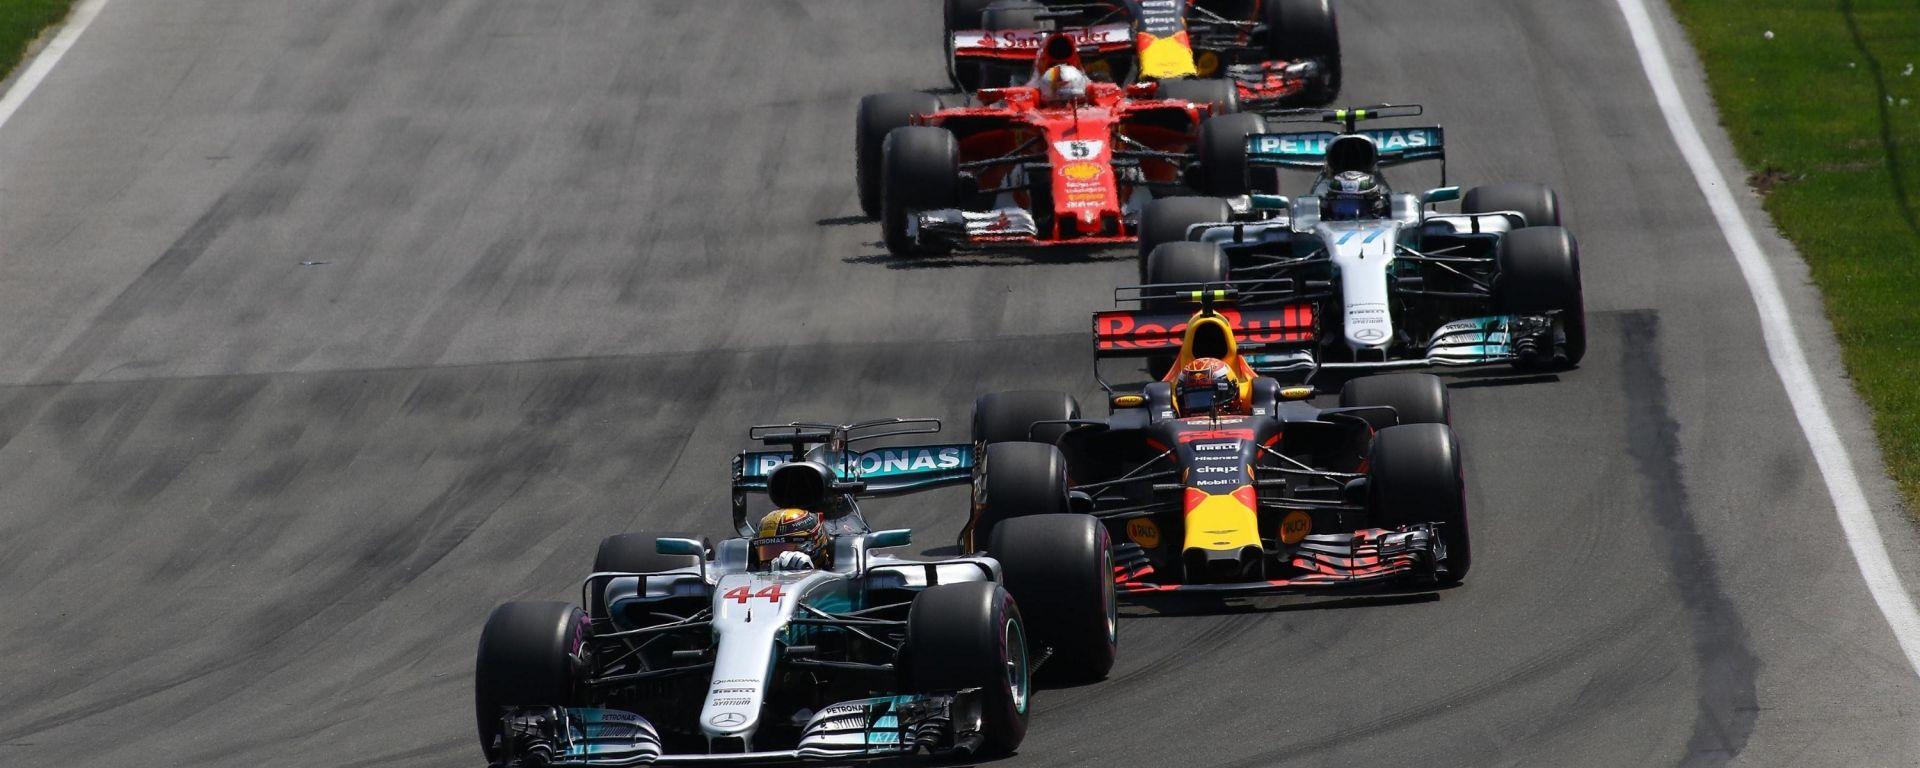 F1 GP Canada Montreal 2018, tutte le info: orari, risultati prove, qualifica, gara